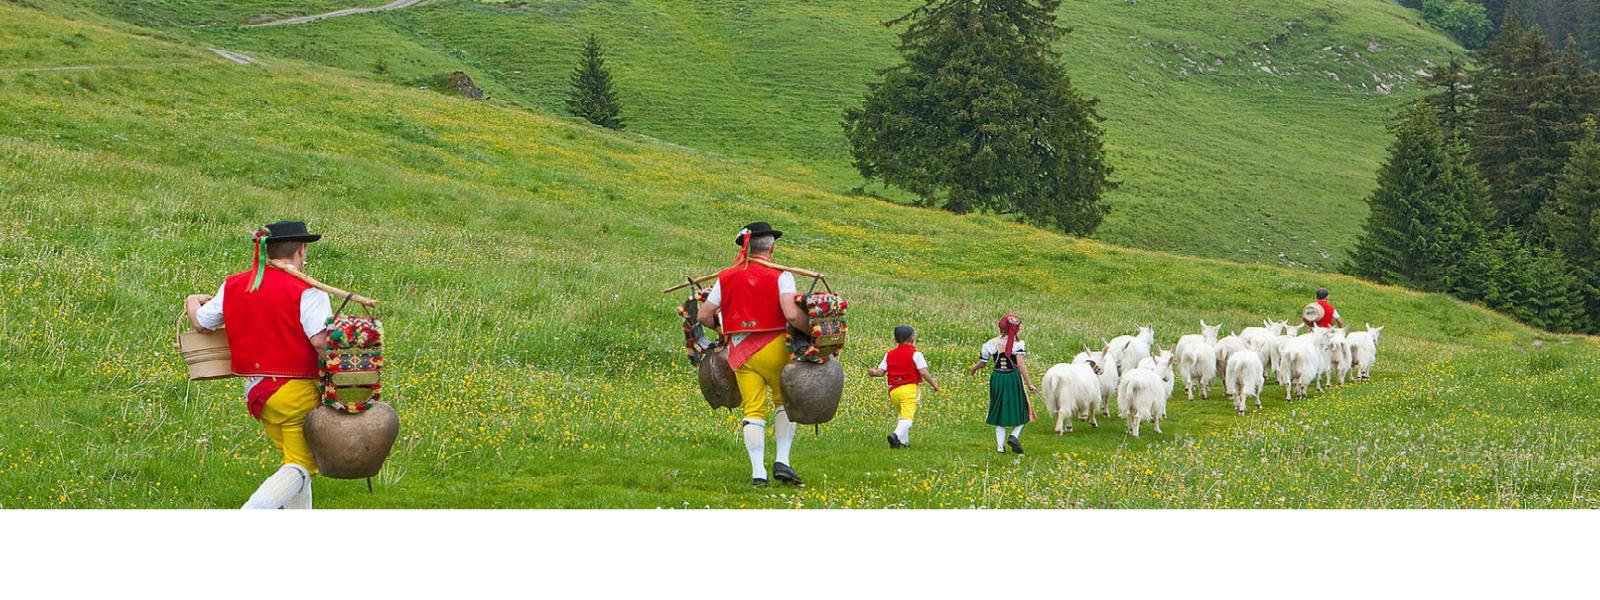 瑞士趕牛節儀式服裝